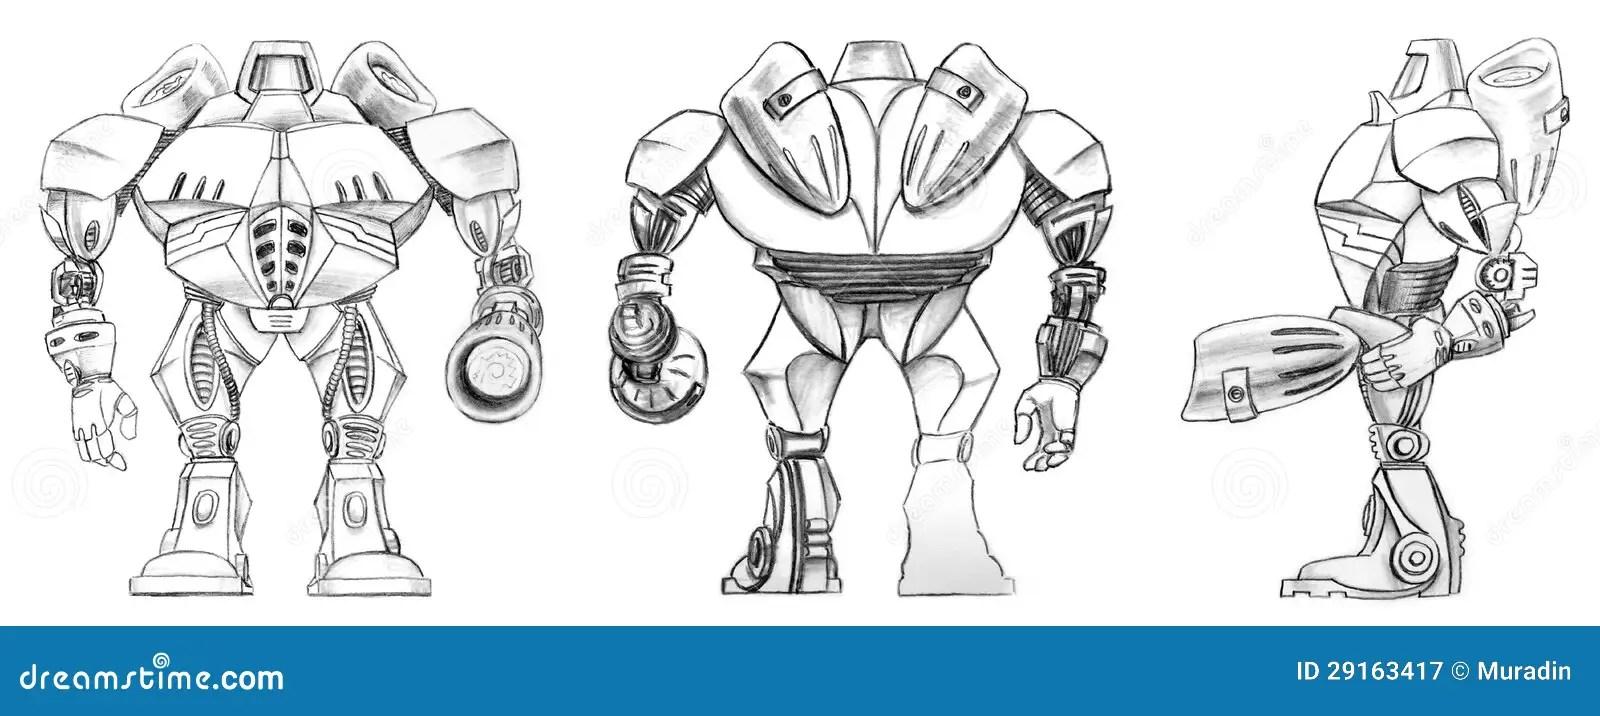 Robot transformer sketch stock illustration. Illustration